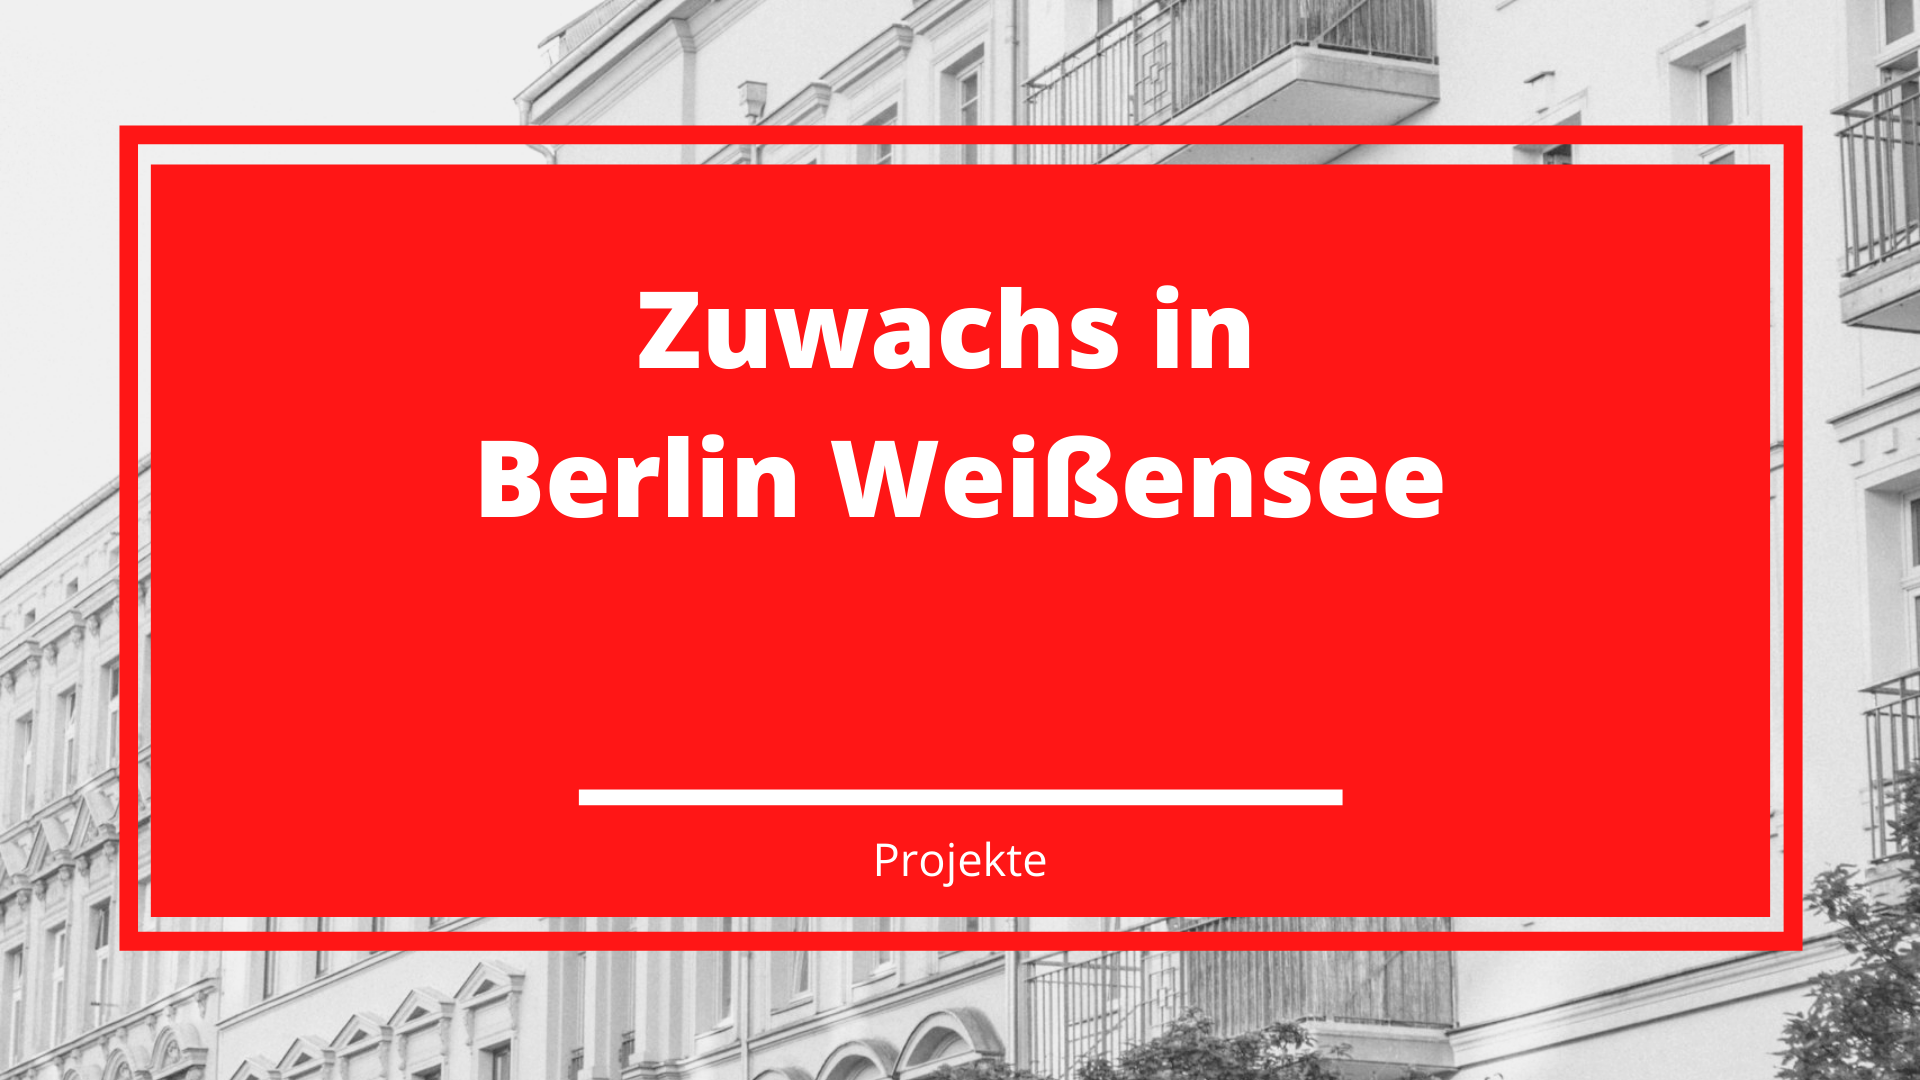 Neues Verwaltungsprojekt in Berlin Weißensee